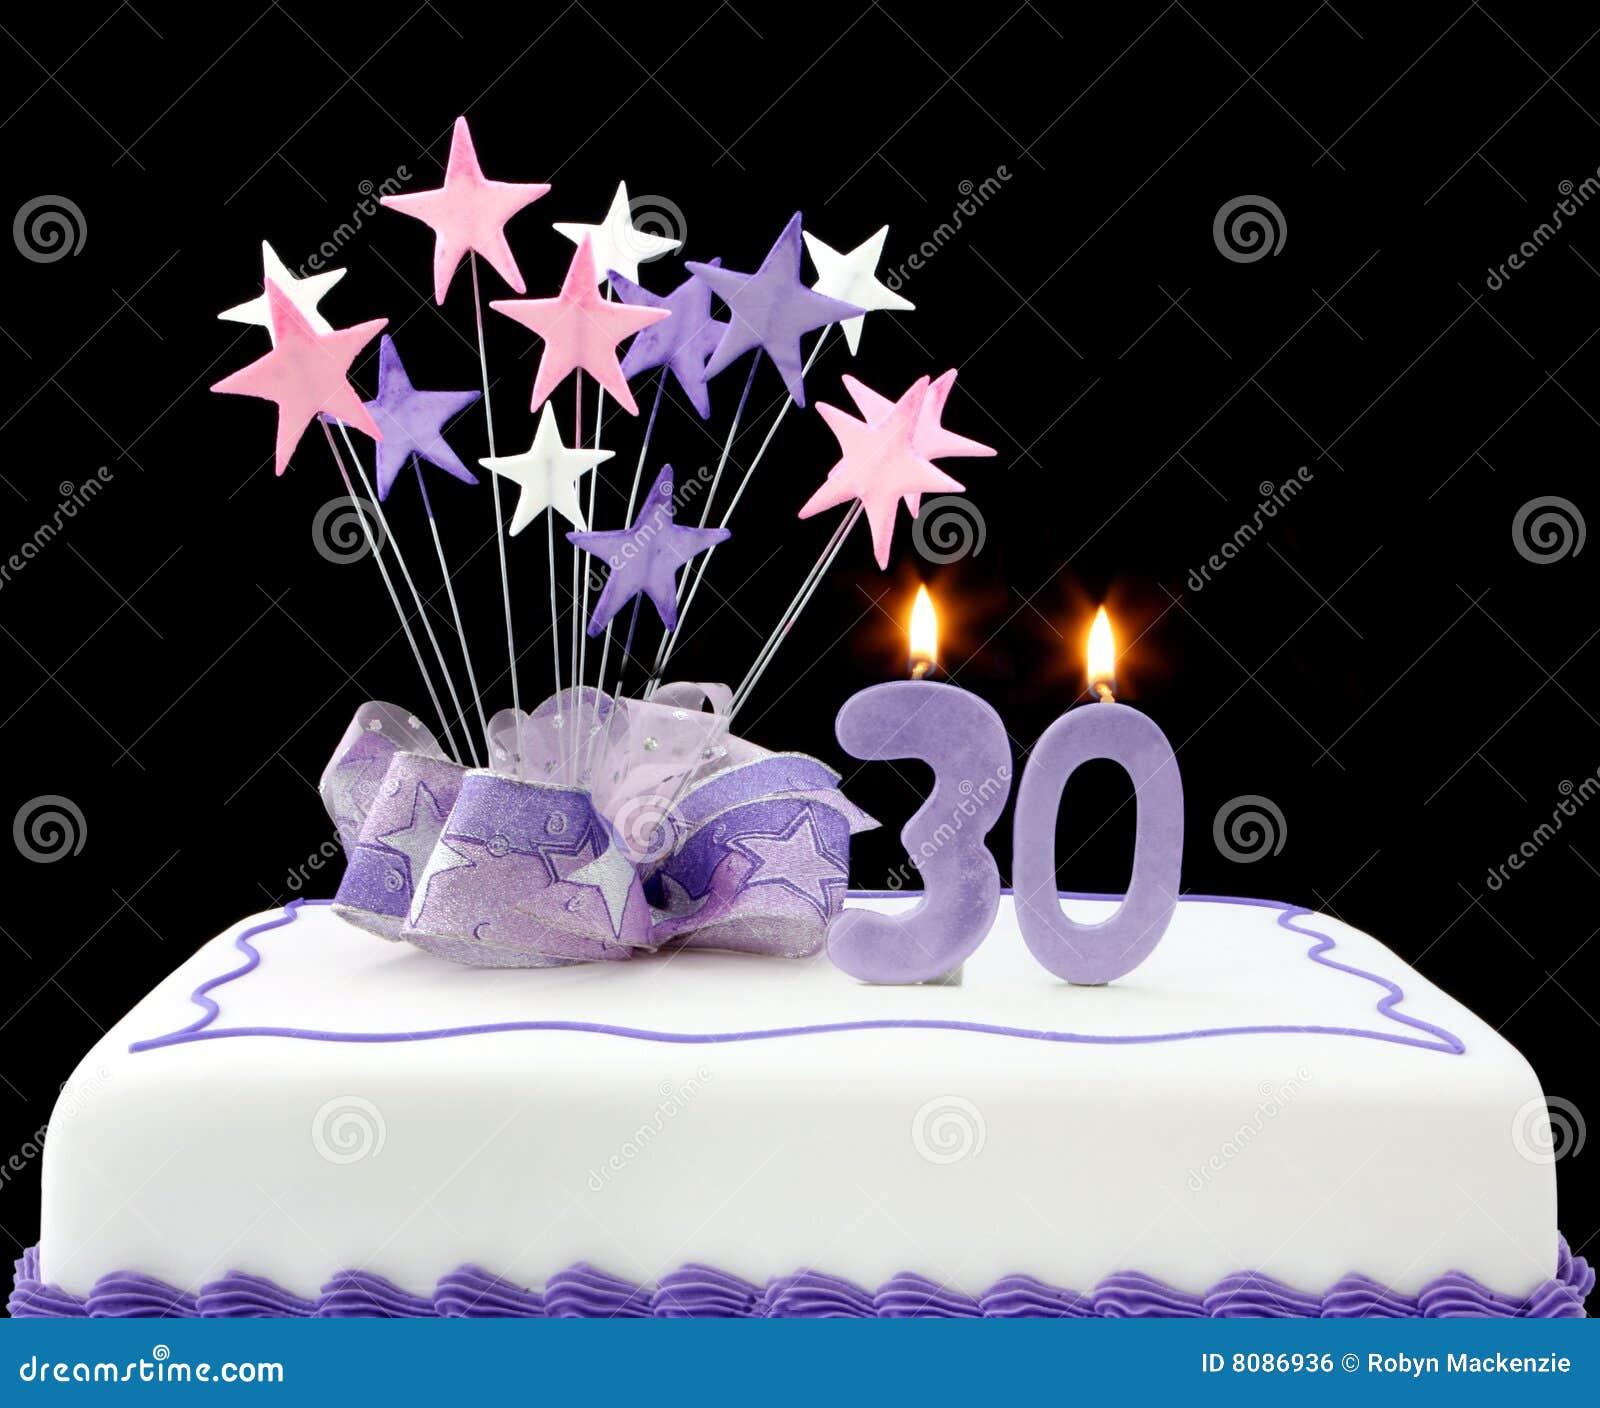 30 Kuchen Stockfoto Bild Von Dreissig Hintergrund Niemand 8086936